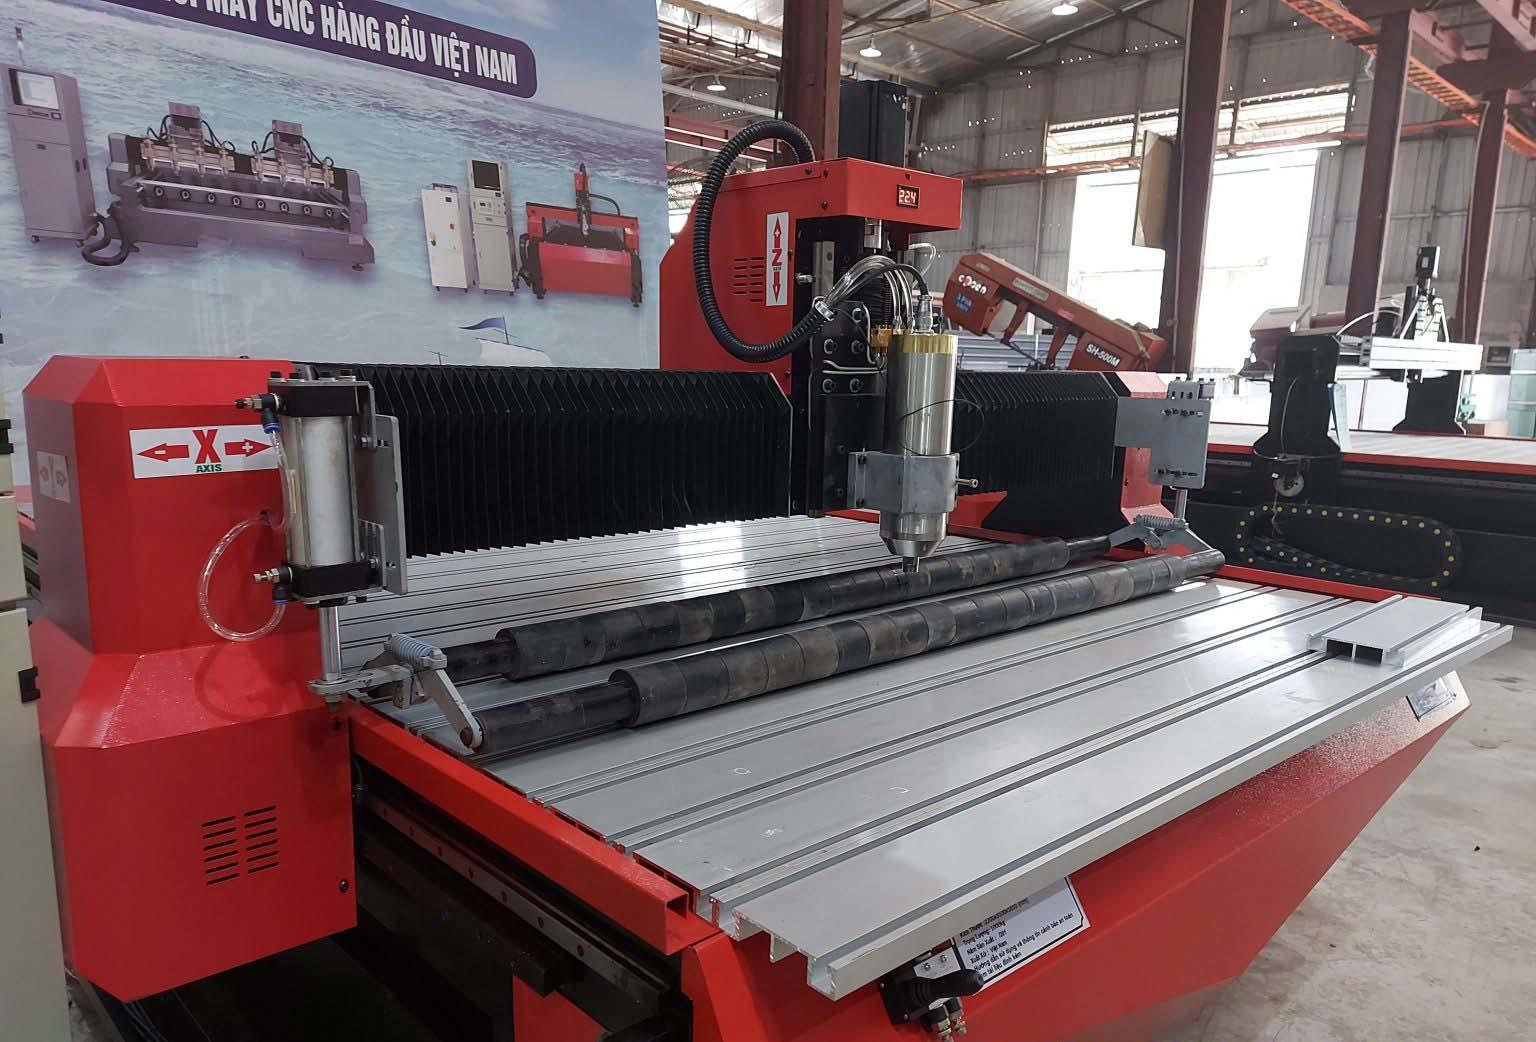 Đông Phương tiên phong chế tạo máy CNC, thiết bị tự động hoá